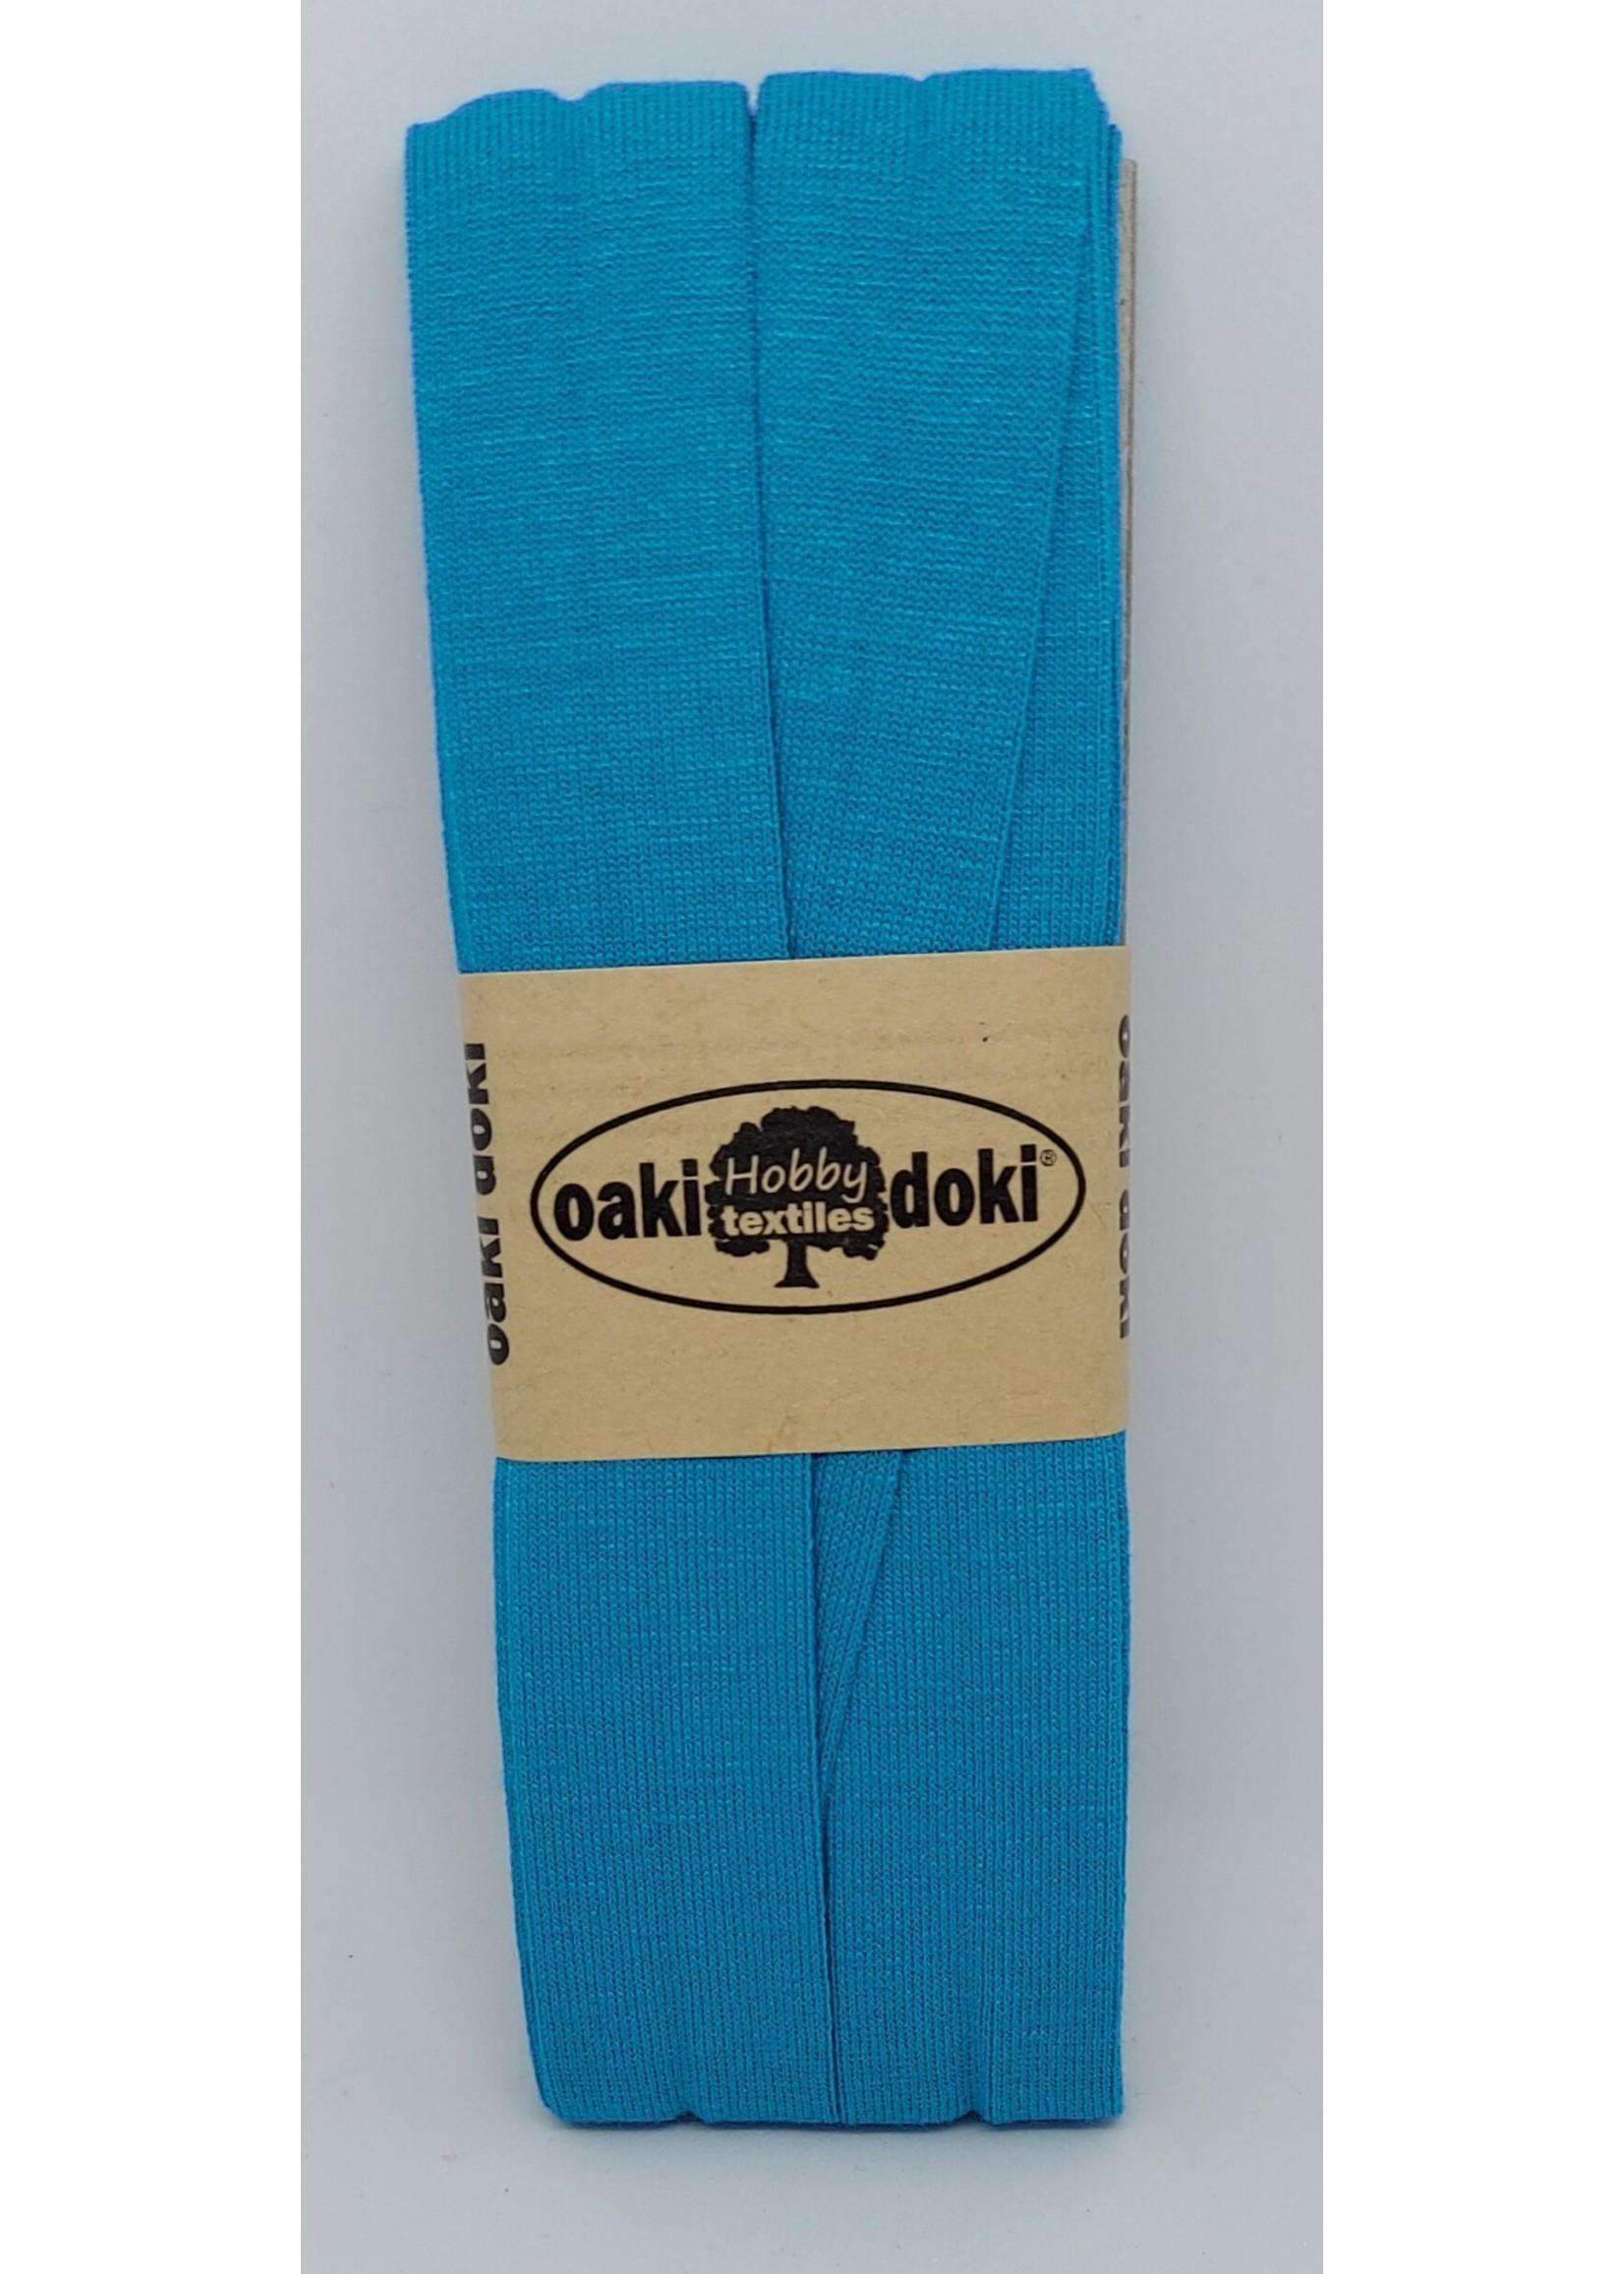 Oaki Doki Tricot de luxe 472